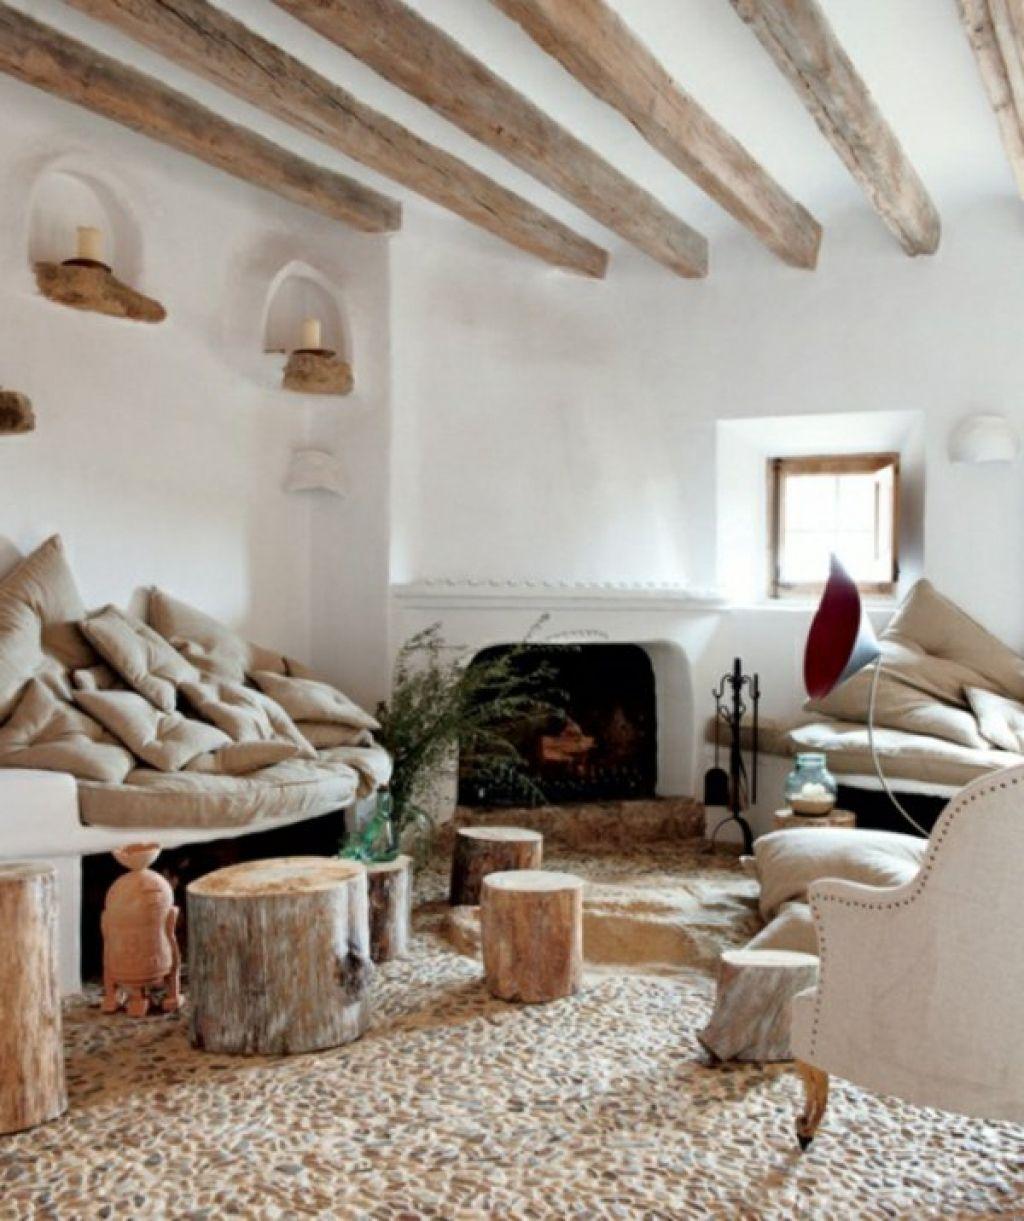 Unique deko wohnzimmer selbst gemacht kreative deko ideen aus baumstumpf selber machen deko wohnzimmer selbst gemacht